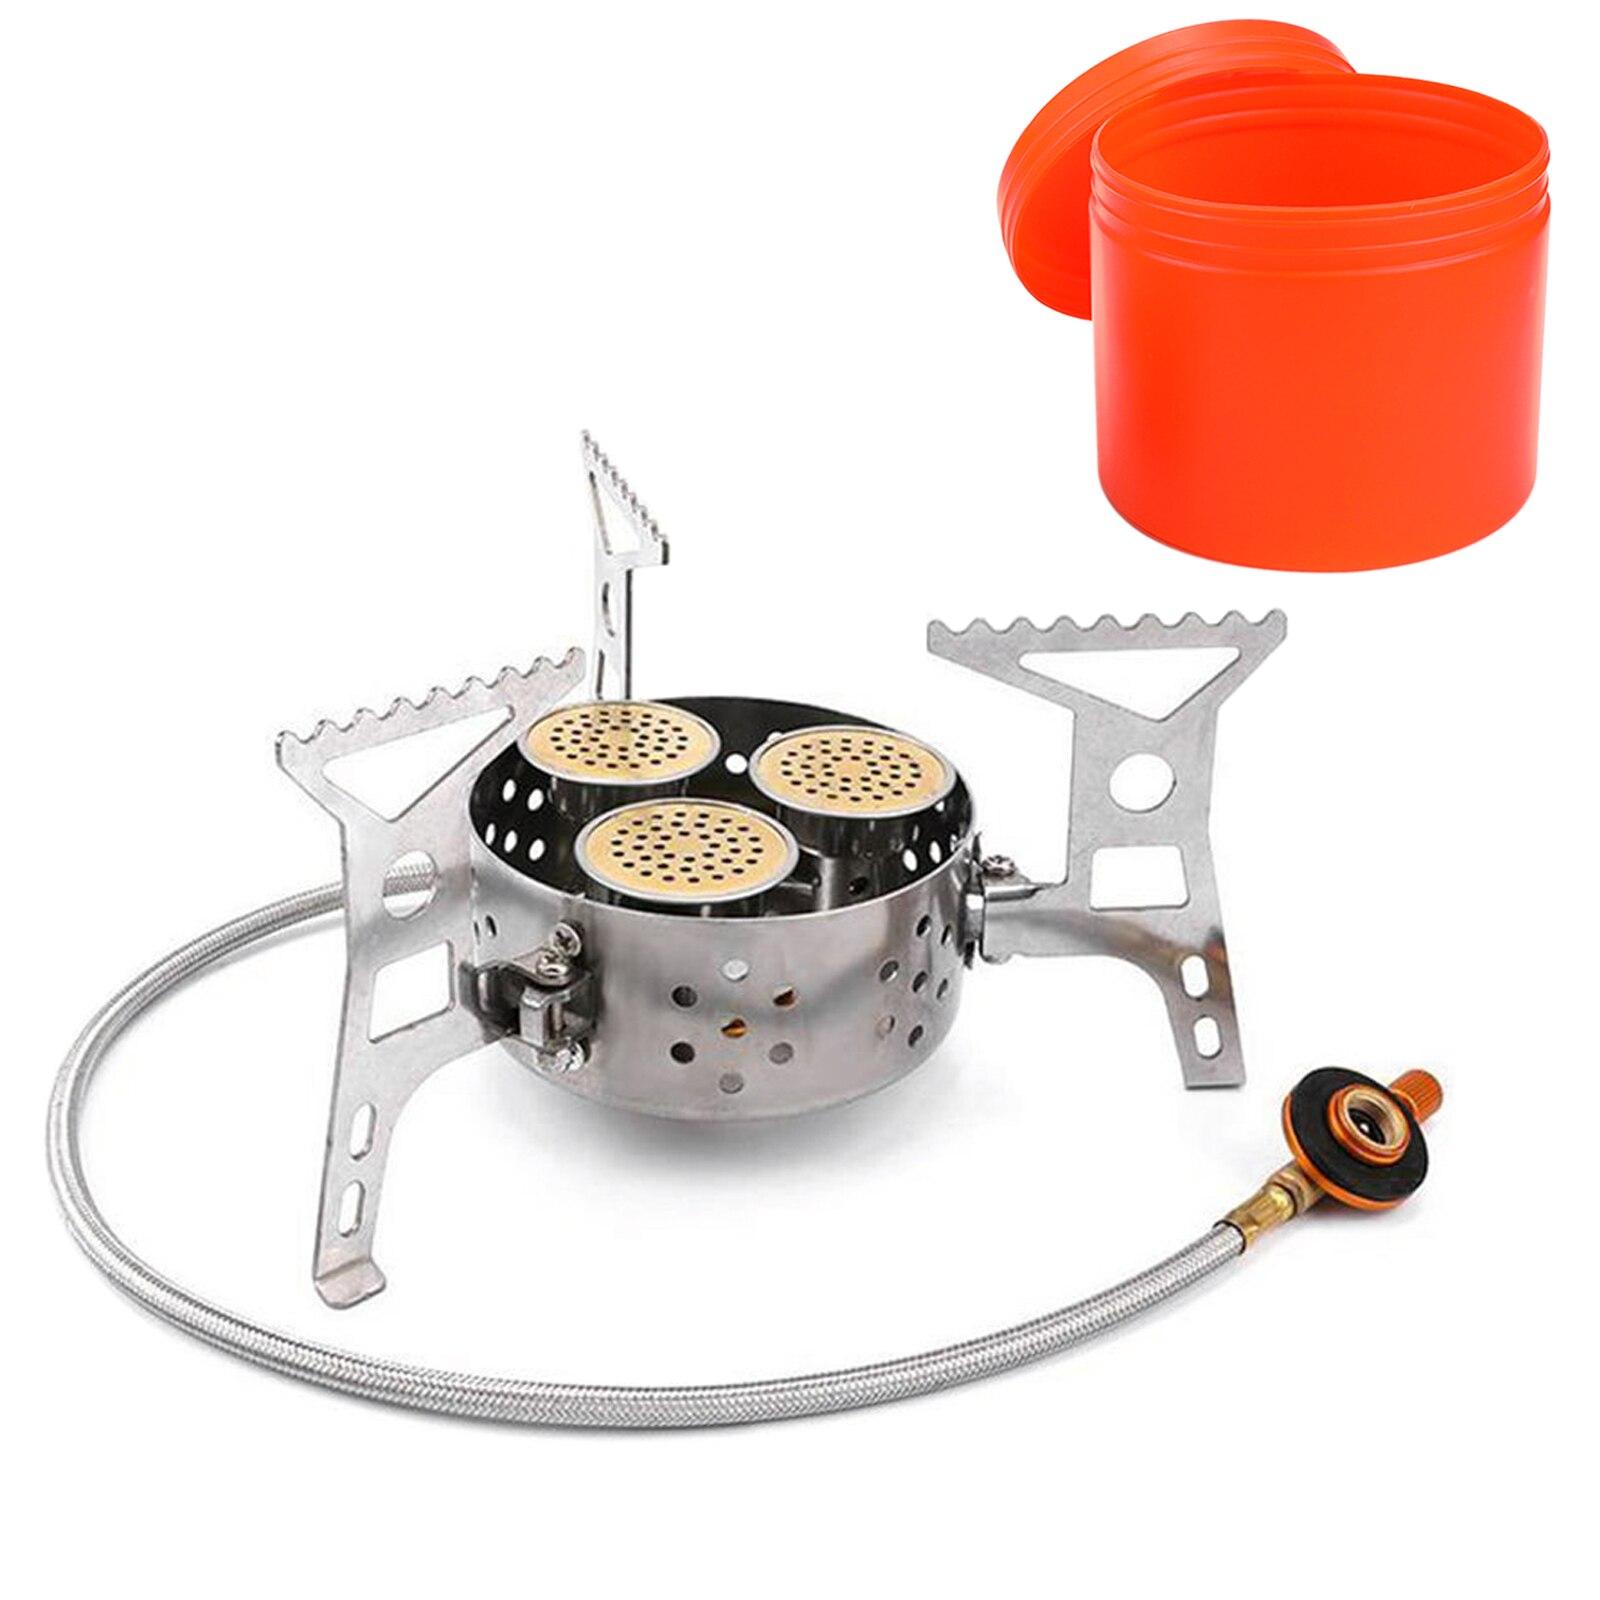 Туристическая горелка, портативная газовая горелка с тремя насадками и стальным плетеным шлангом, 9000 Вт